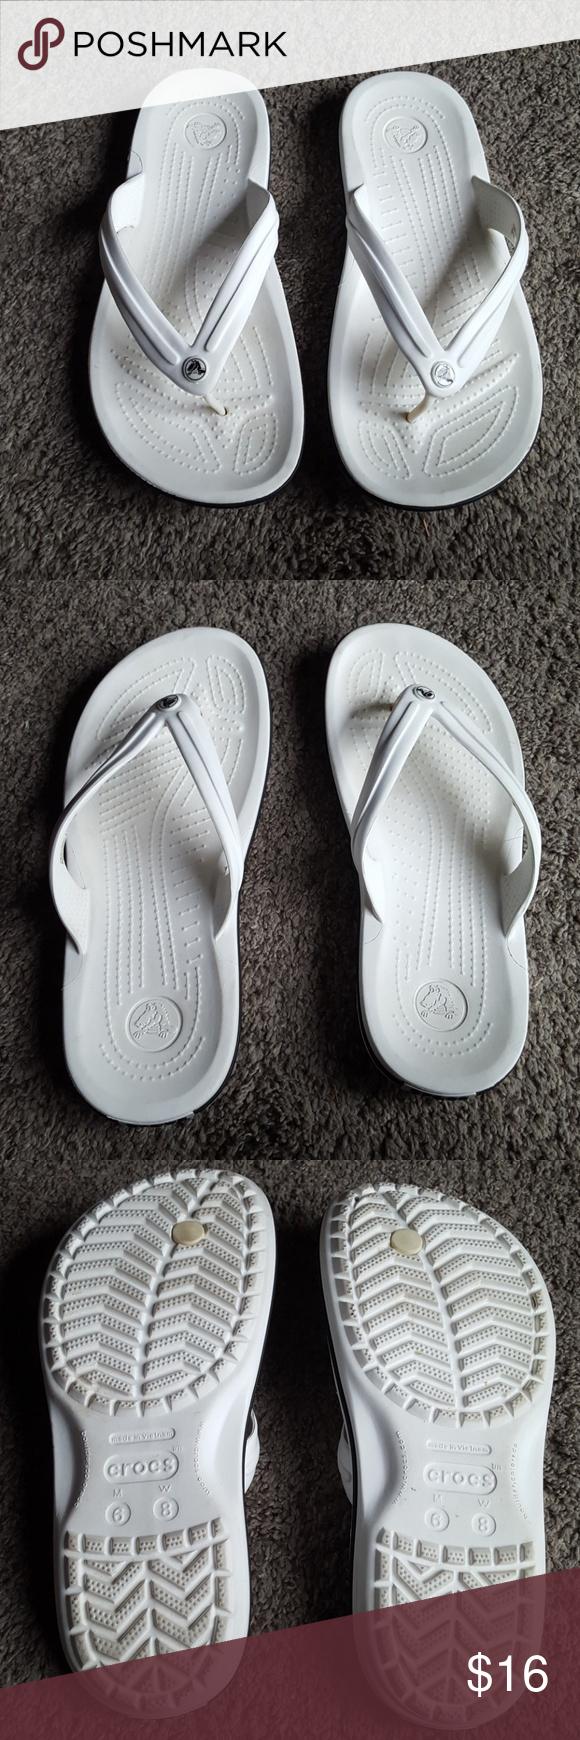 White Crocs Sandals Size 8 Crocs Sandals Crocs Sandals